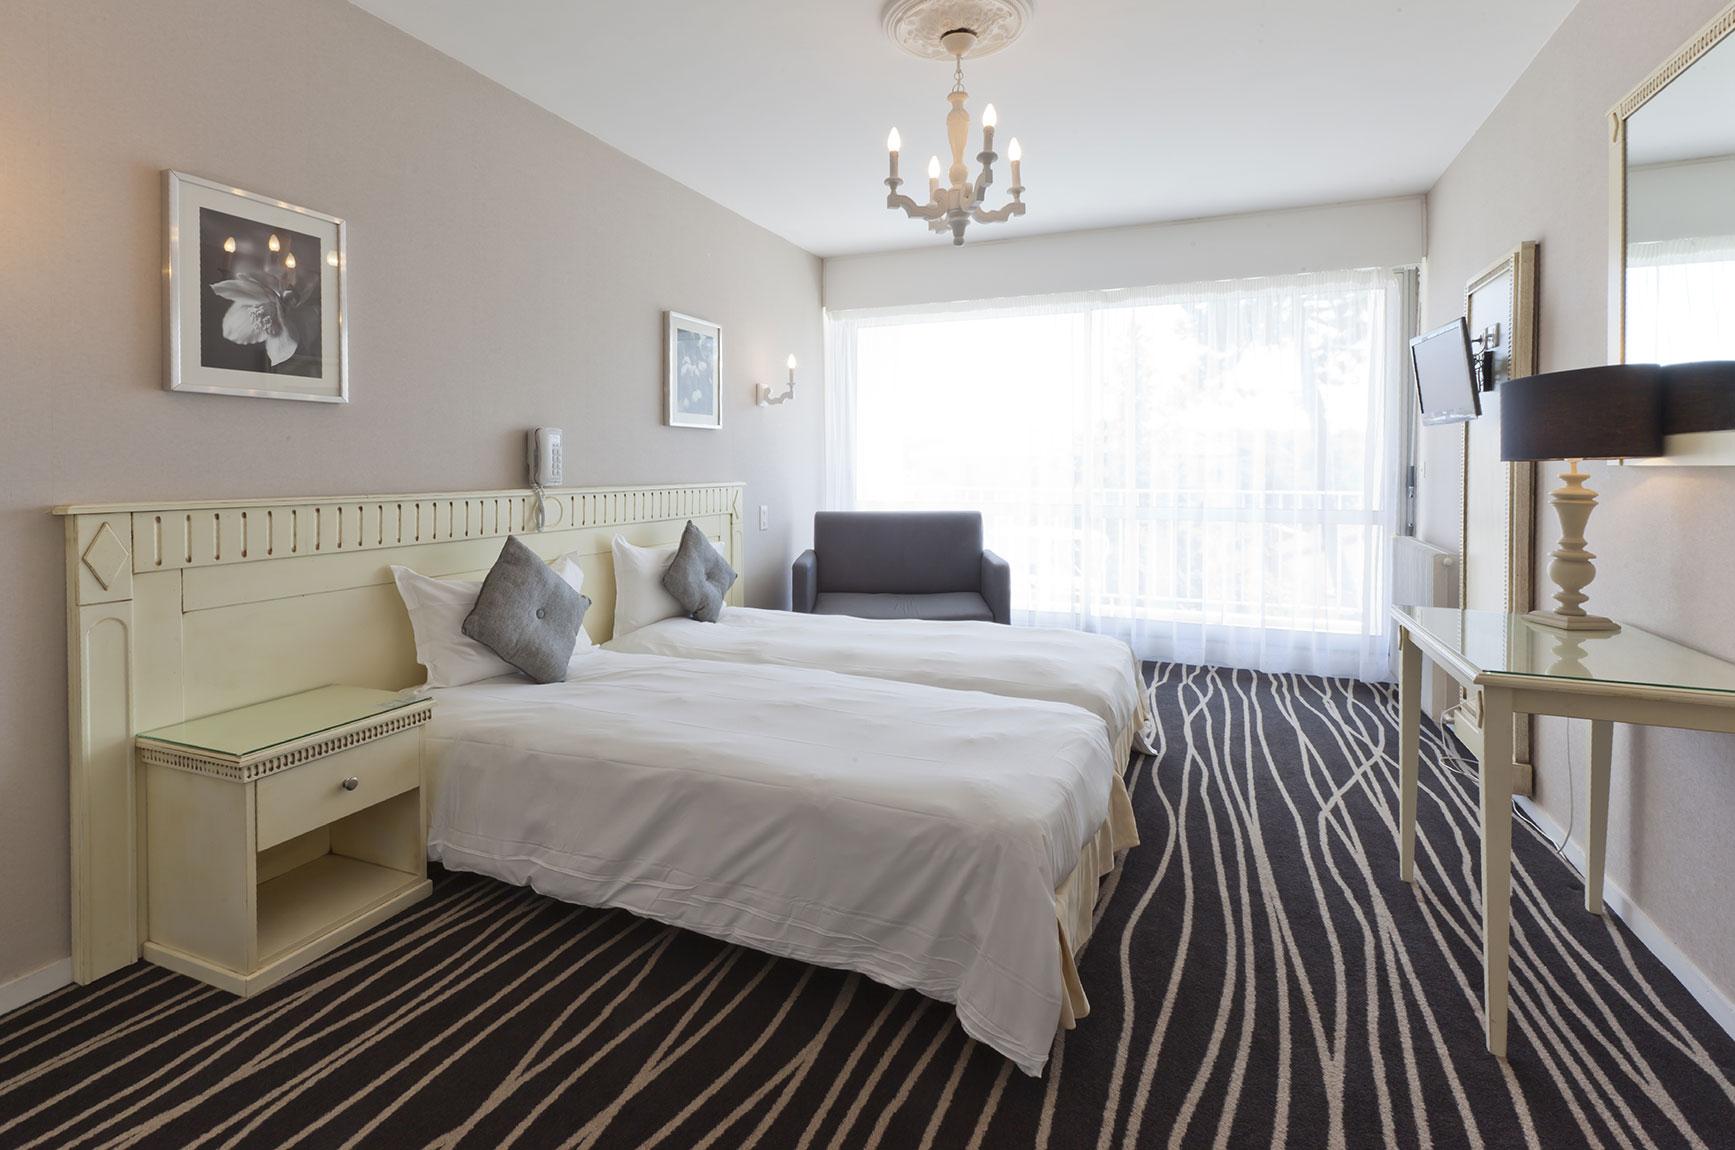 Camera da letto con 2 letti singoli  Htel du Parc